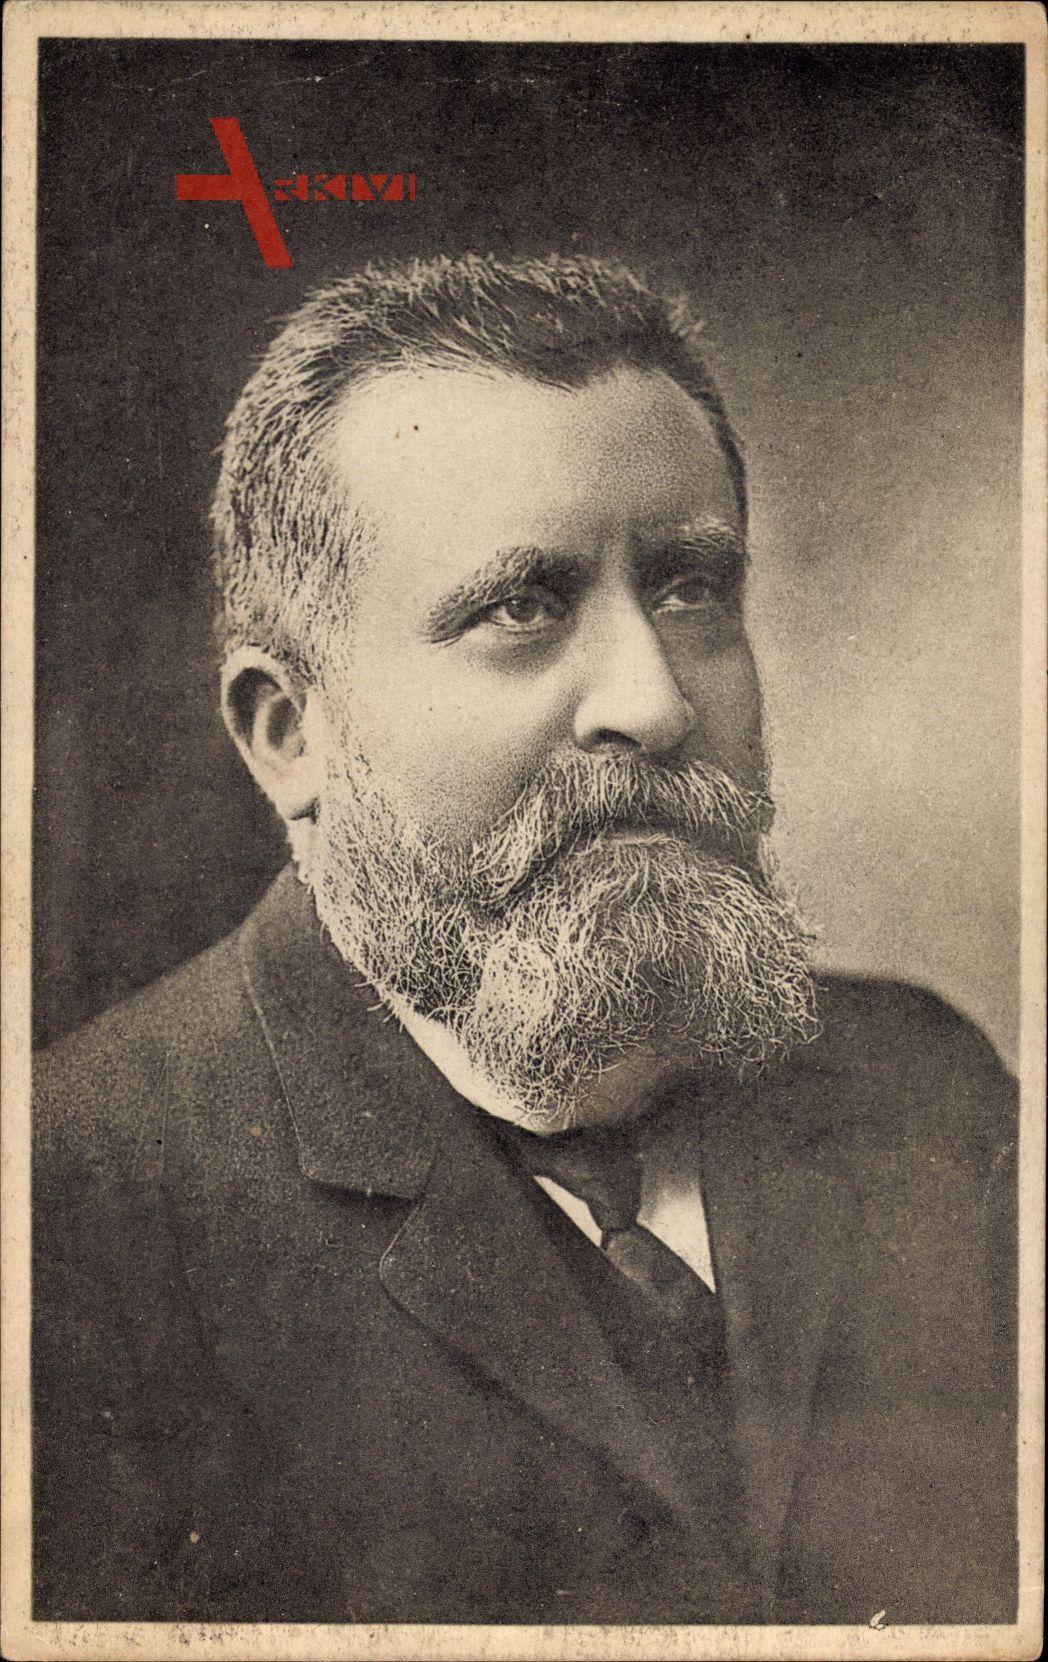 Jean Jaurès, französischer sozialistischer Politiker und Historiker, Portrait